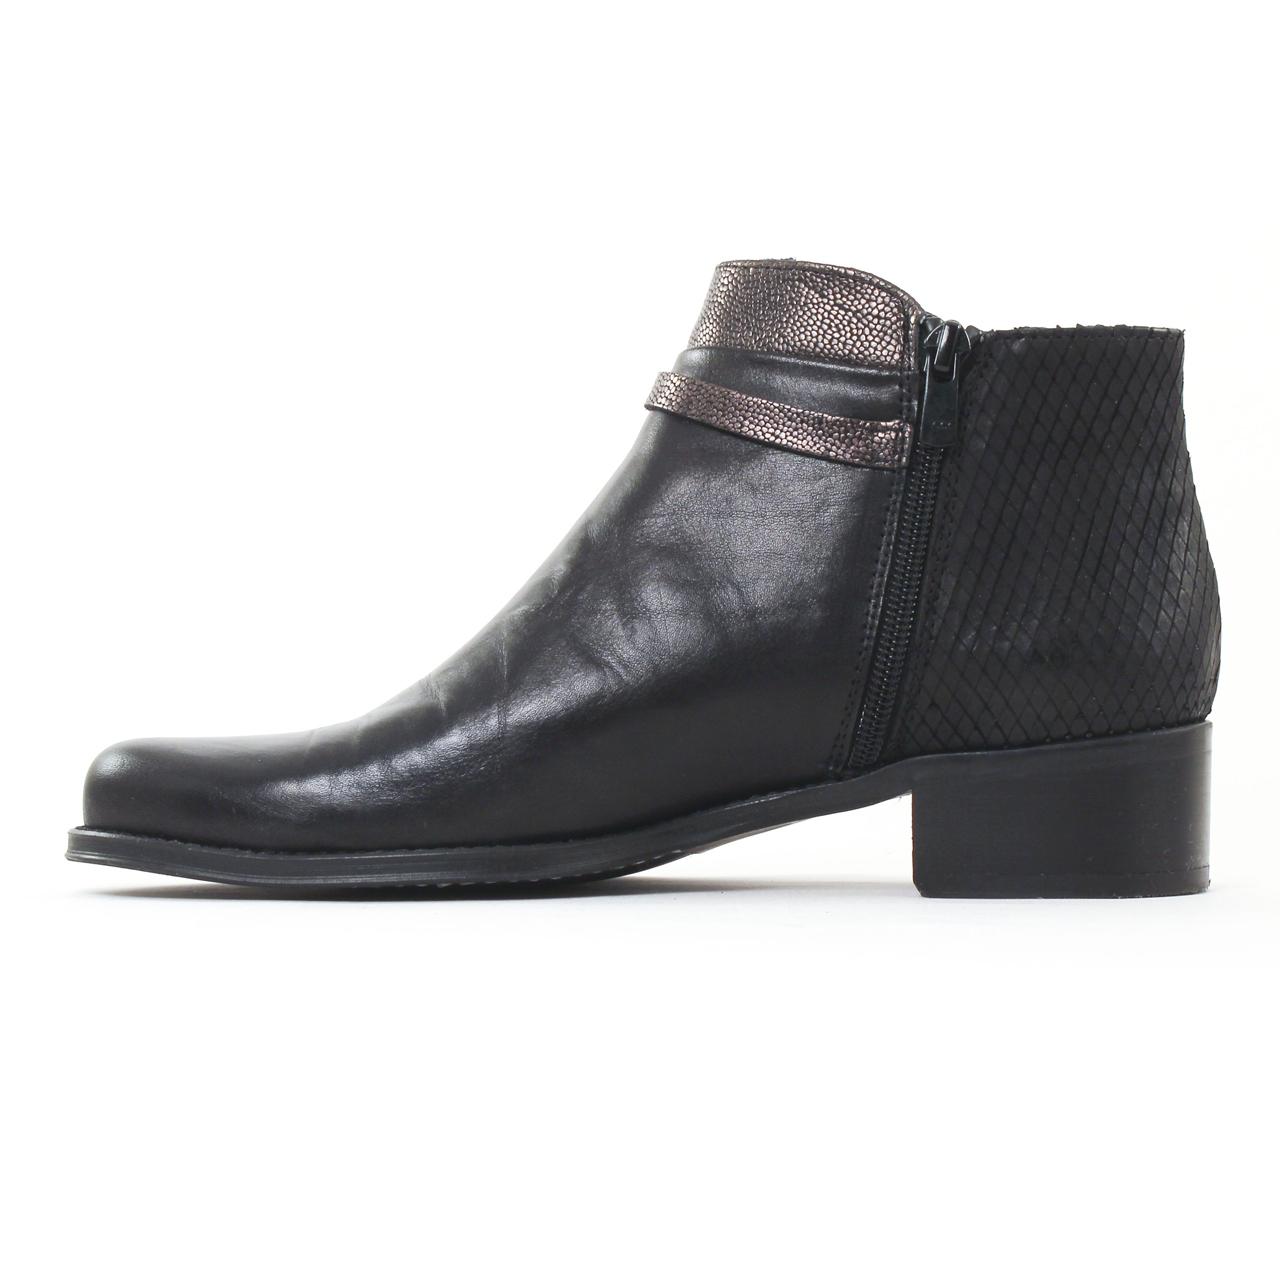 Dorking 6835 Noir | boots noir automne hiver chez TROIS PAR 3